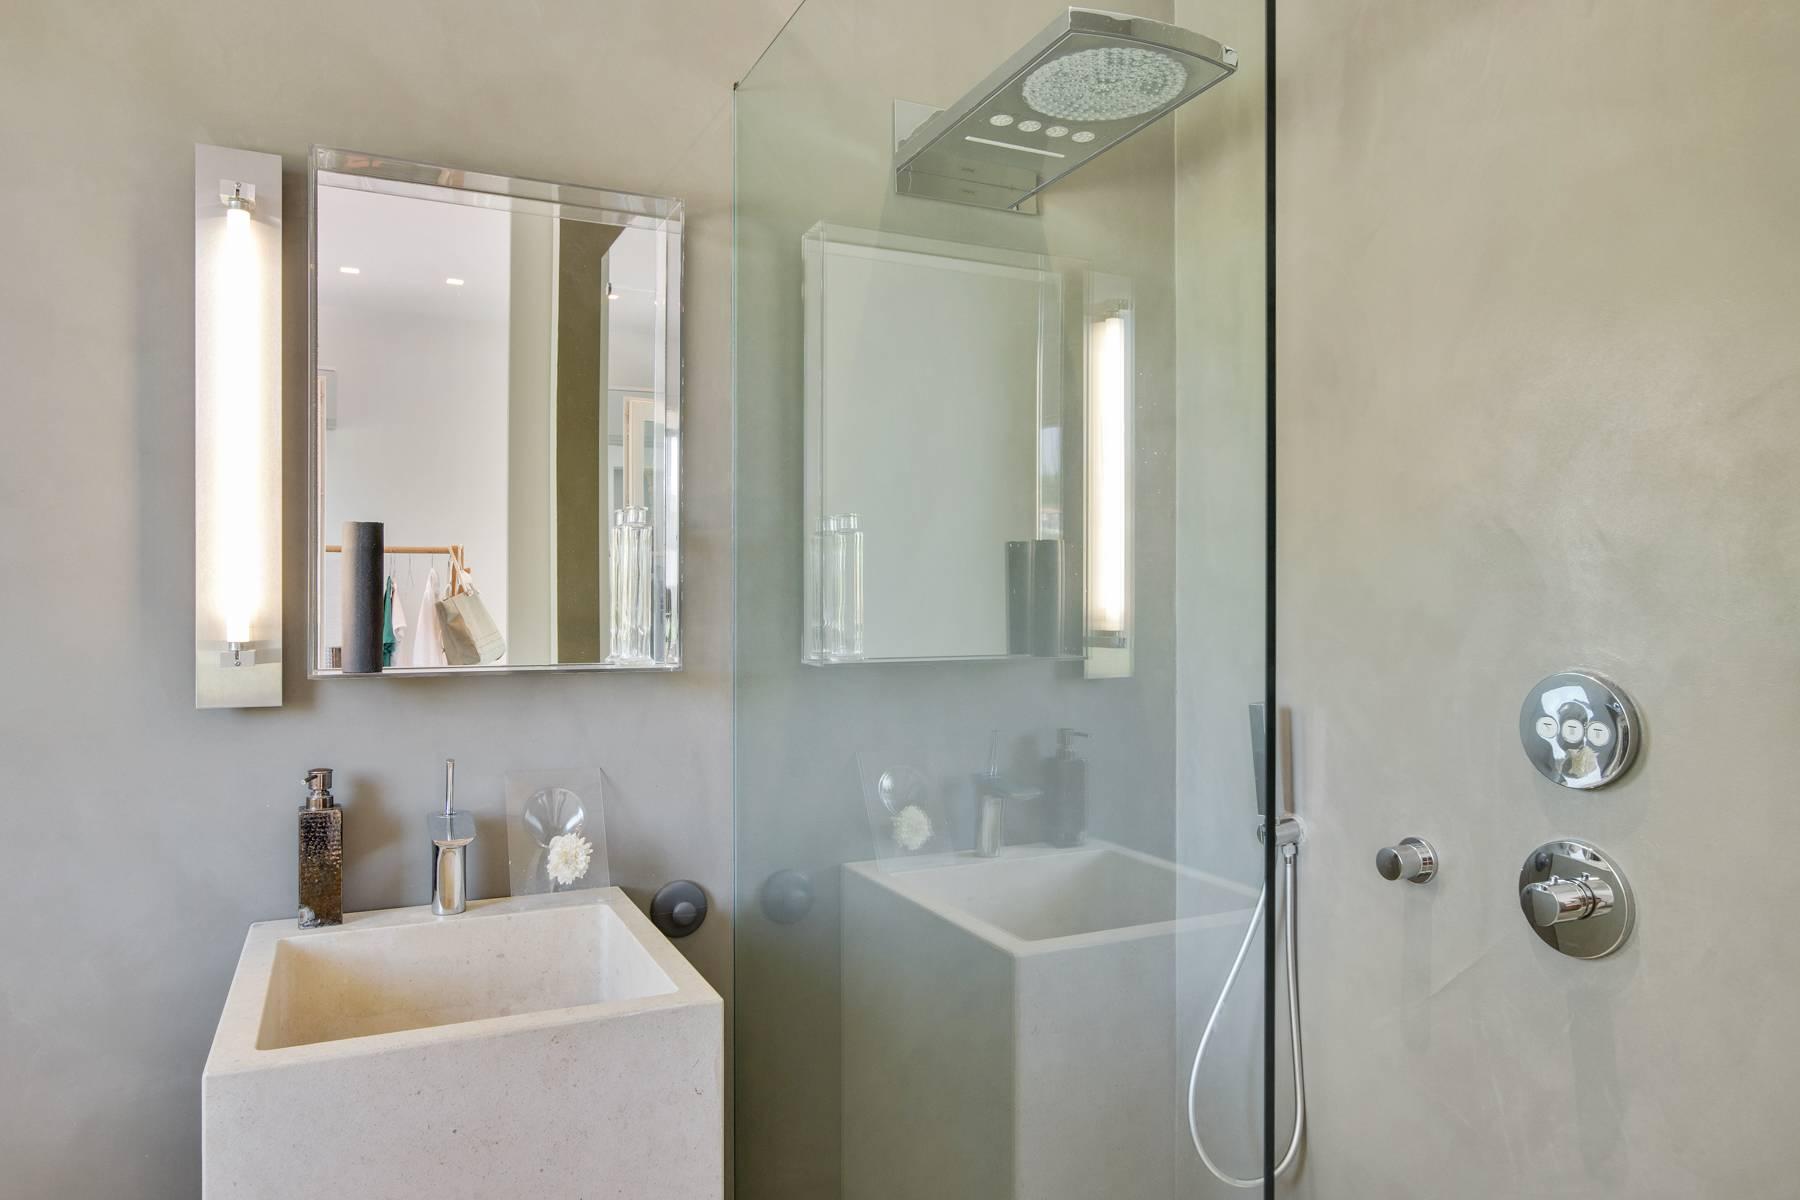 Appartamento in Vendita a Padenghe Sul Garda: 3 locali, 163 mq - Foto 27